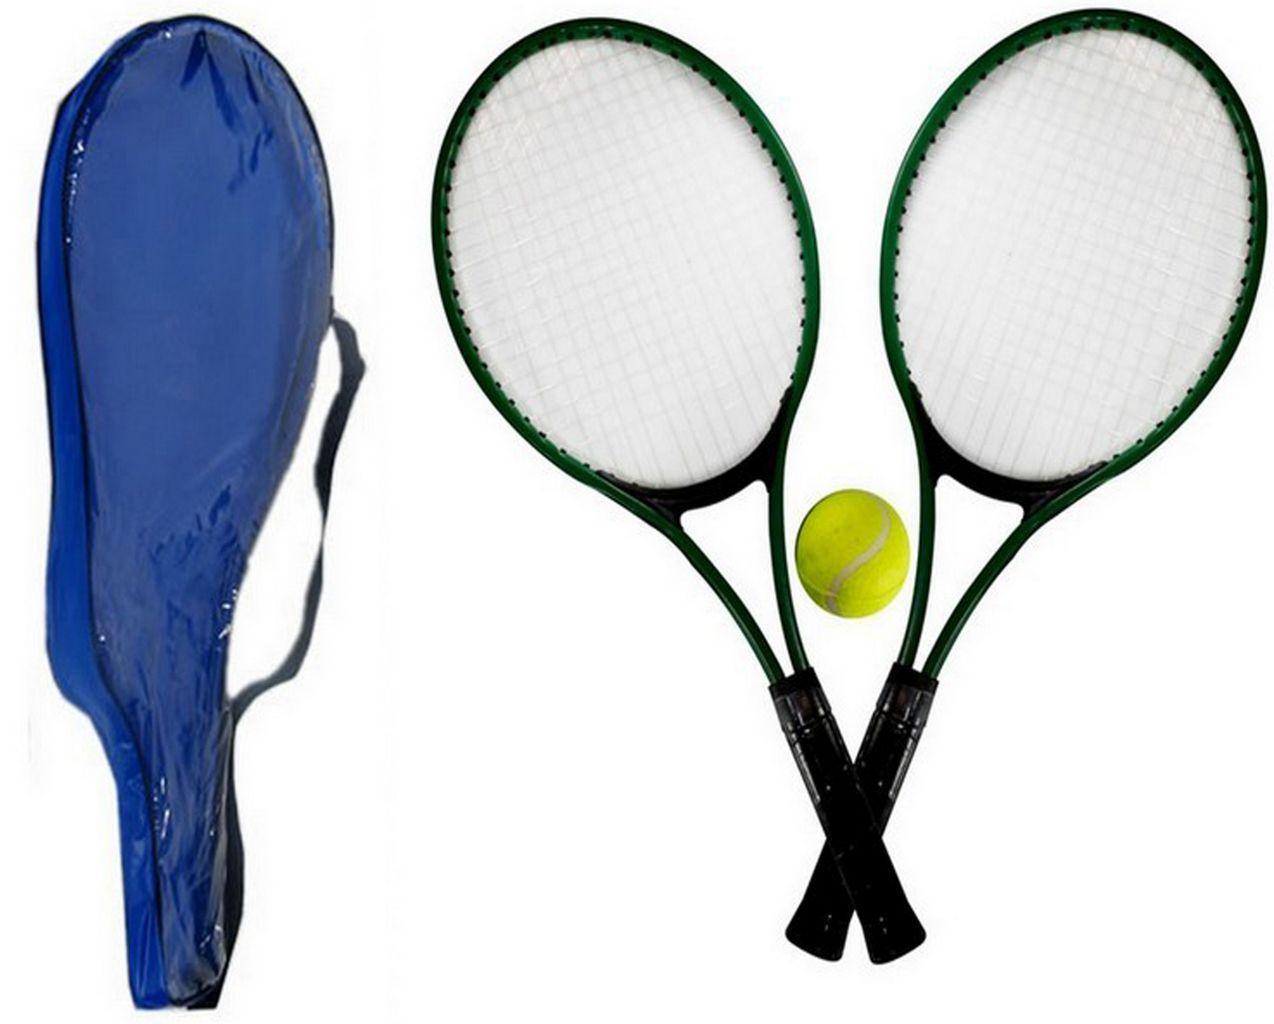 Kit Com 2 Raquetes De Tênis Acompanha 1 Bola Tênis